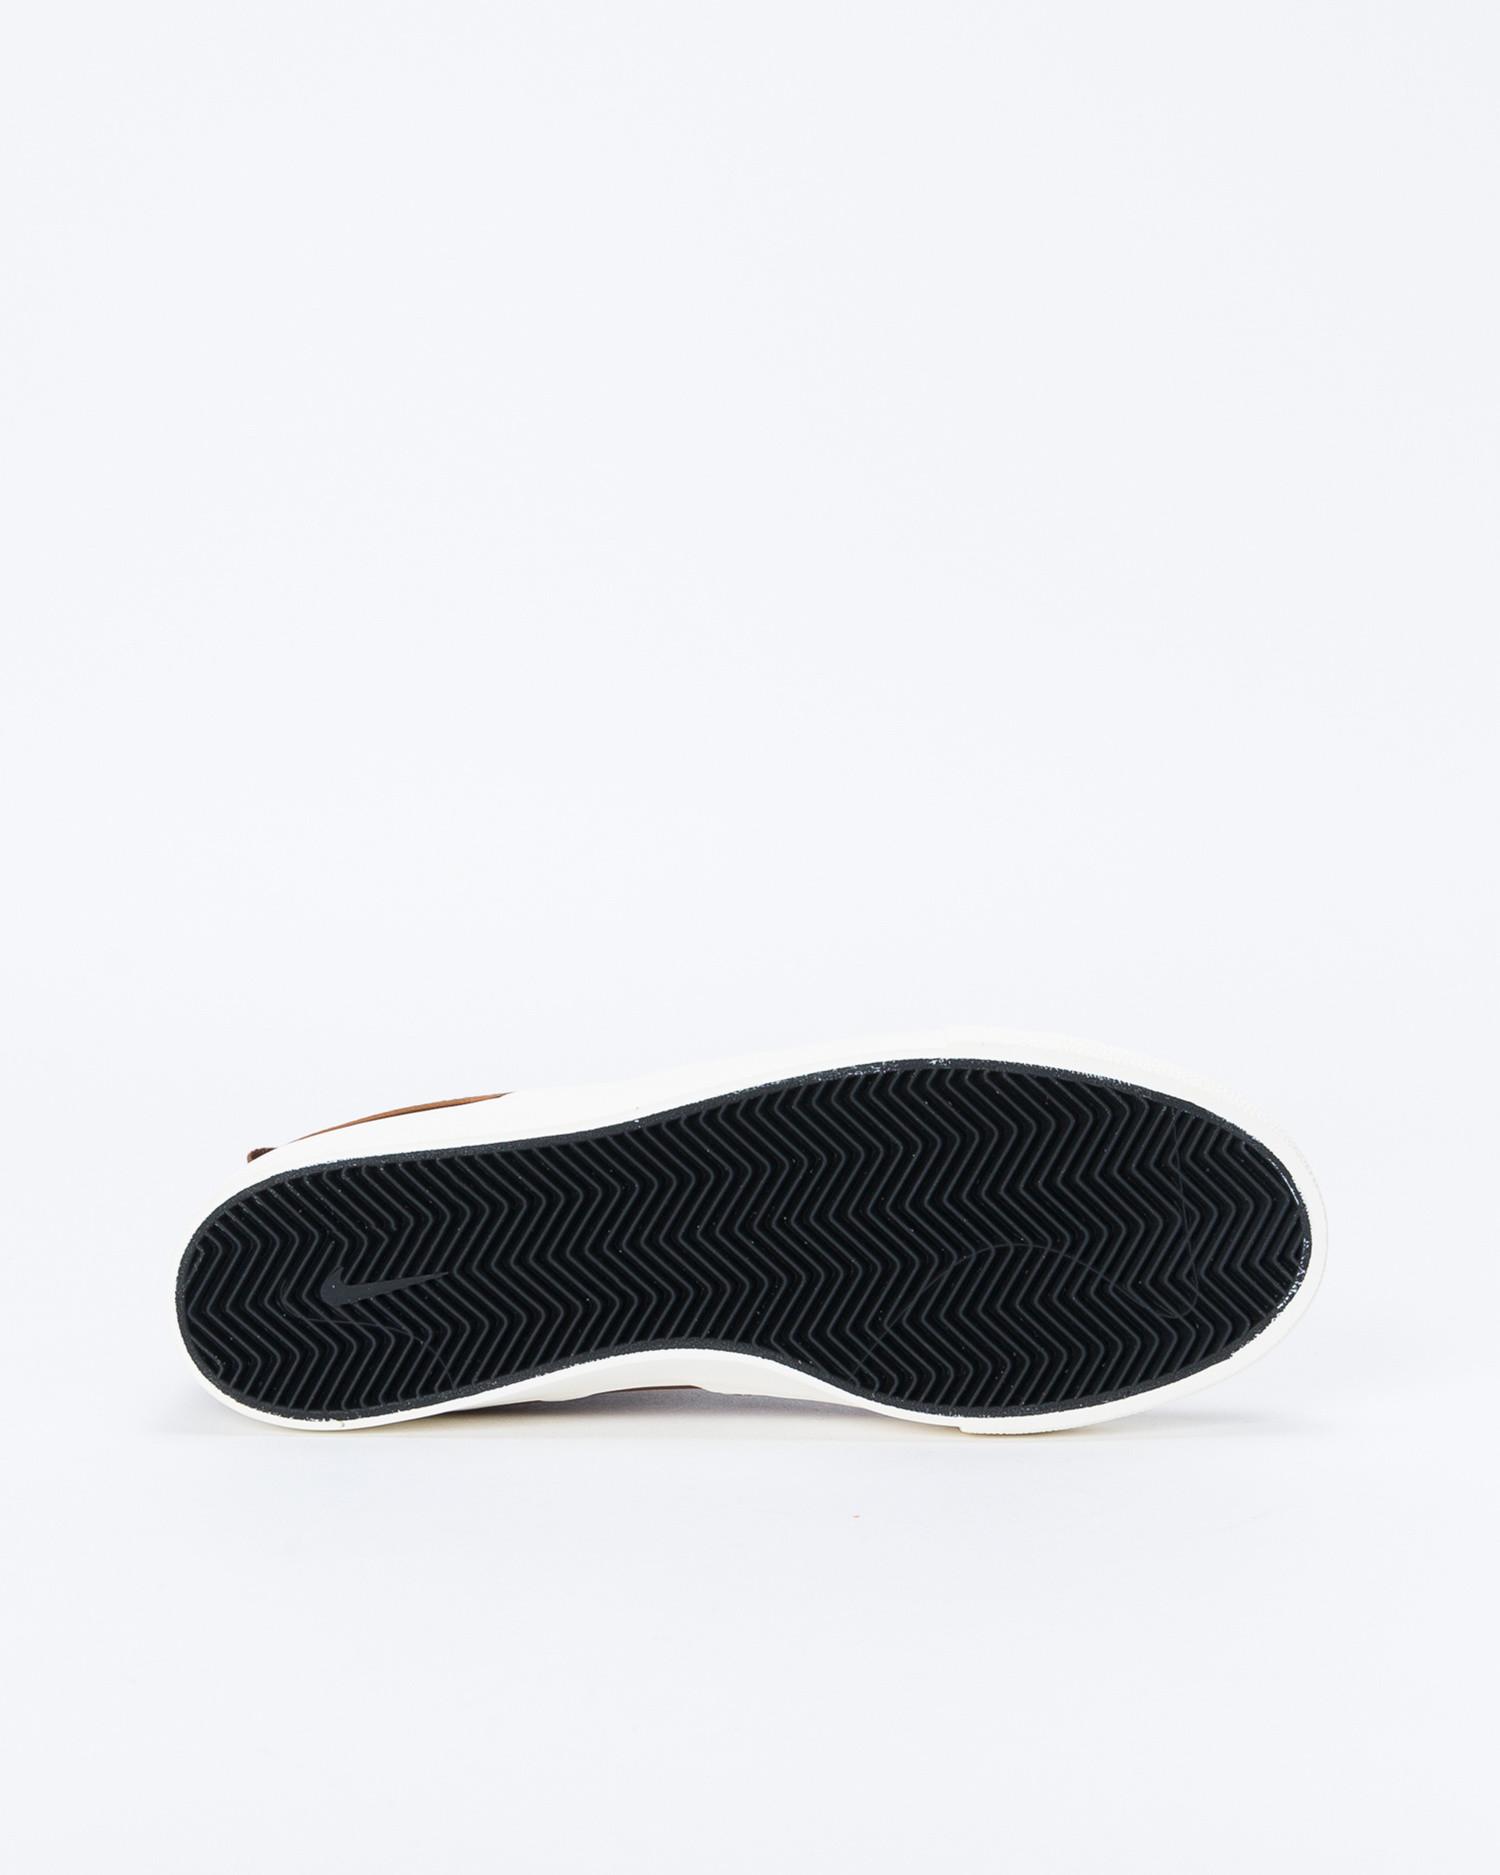 Nike SB Zoom Stefan Janoski Slip Rm Lt British Tan/Lt British Tan-Pale Ivory